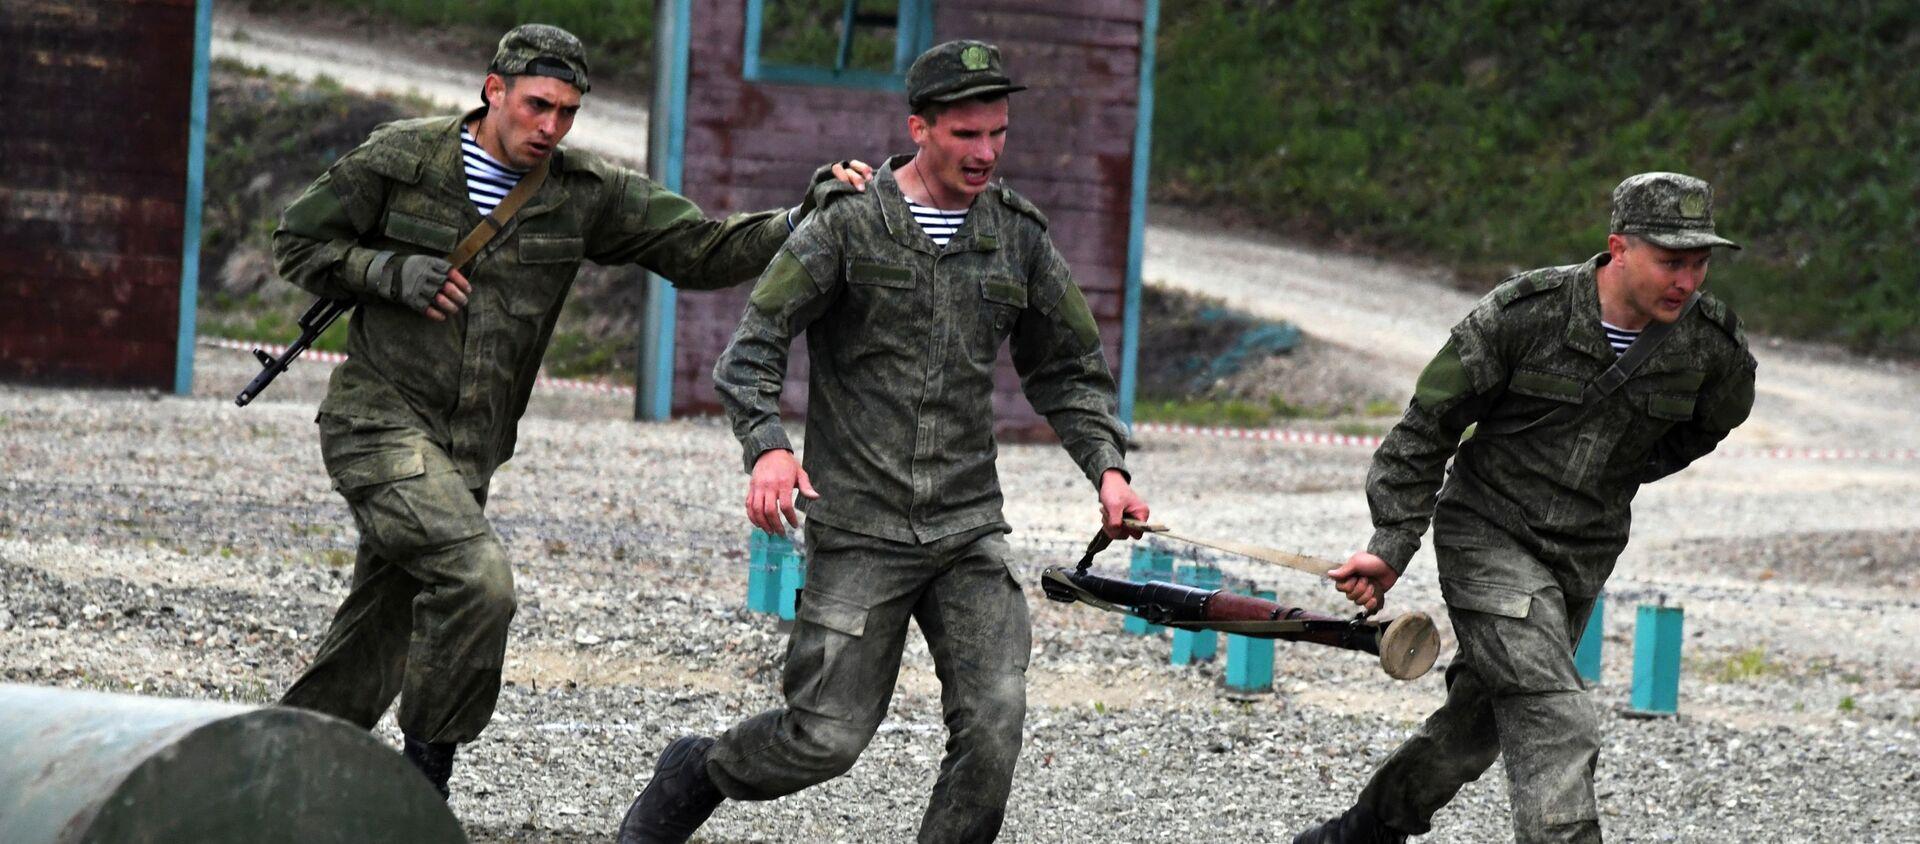 Всеармейский конкурс Морской десант-2021 во Владивостоке - Sputnik Абхазия, 1920, 24.08.2021